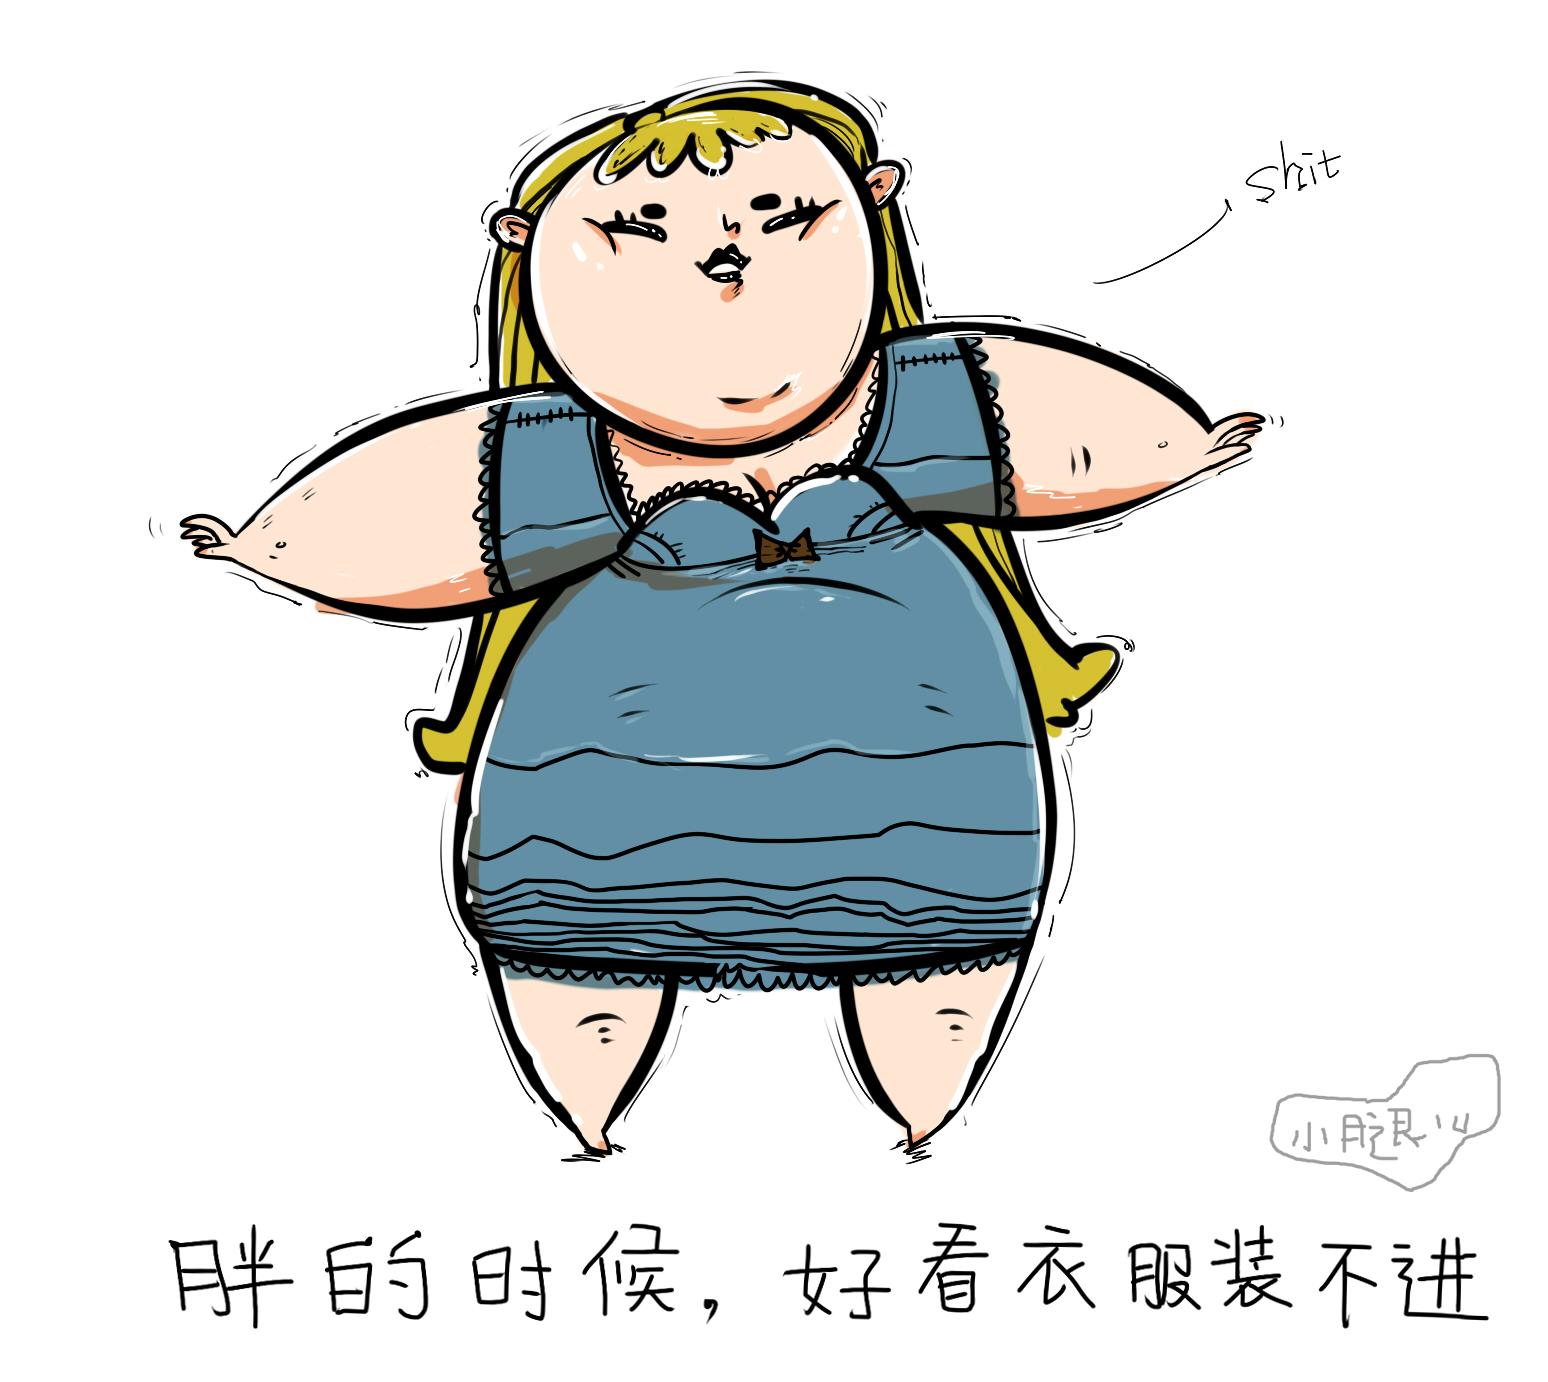 胖瘦简笔画_胖瘦